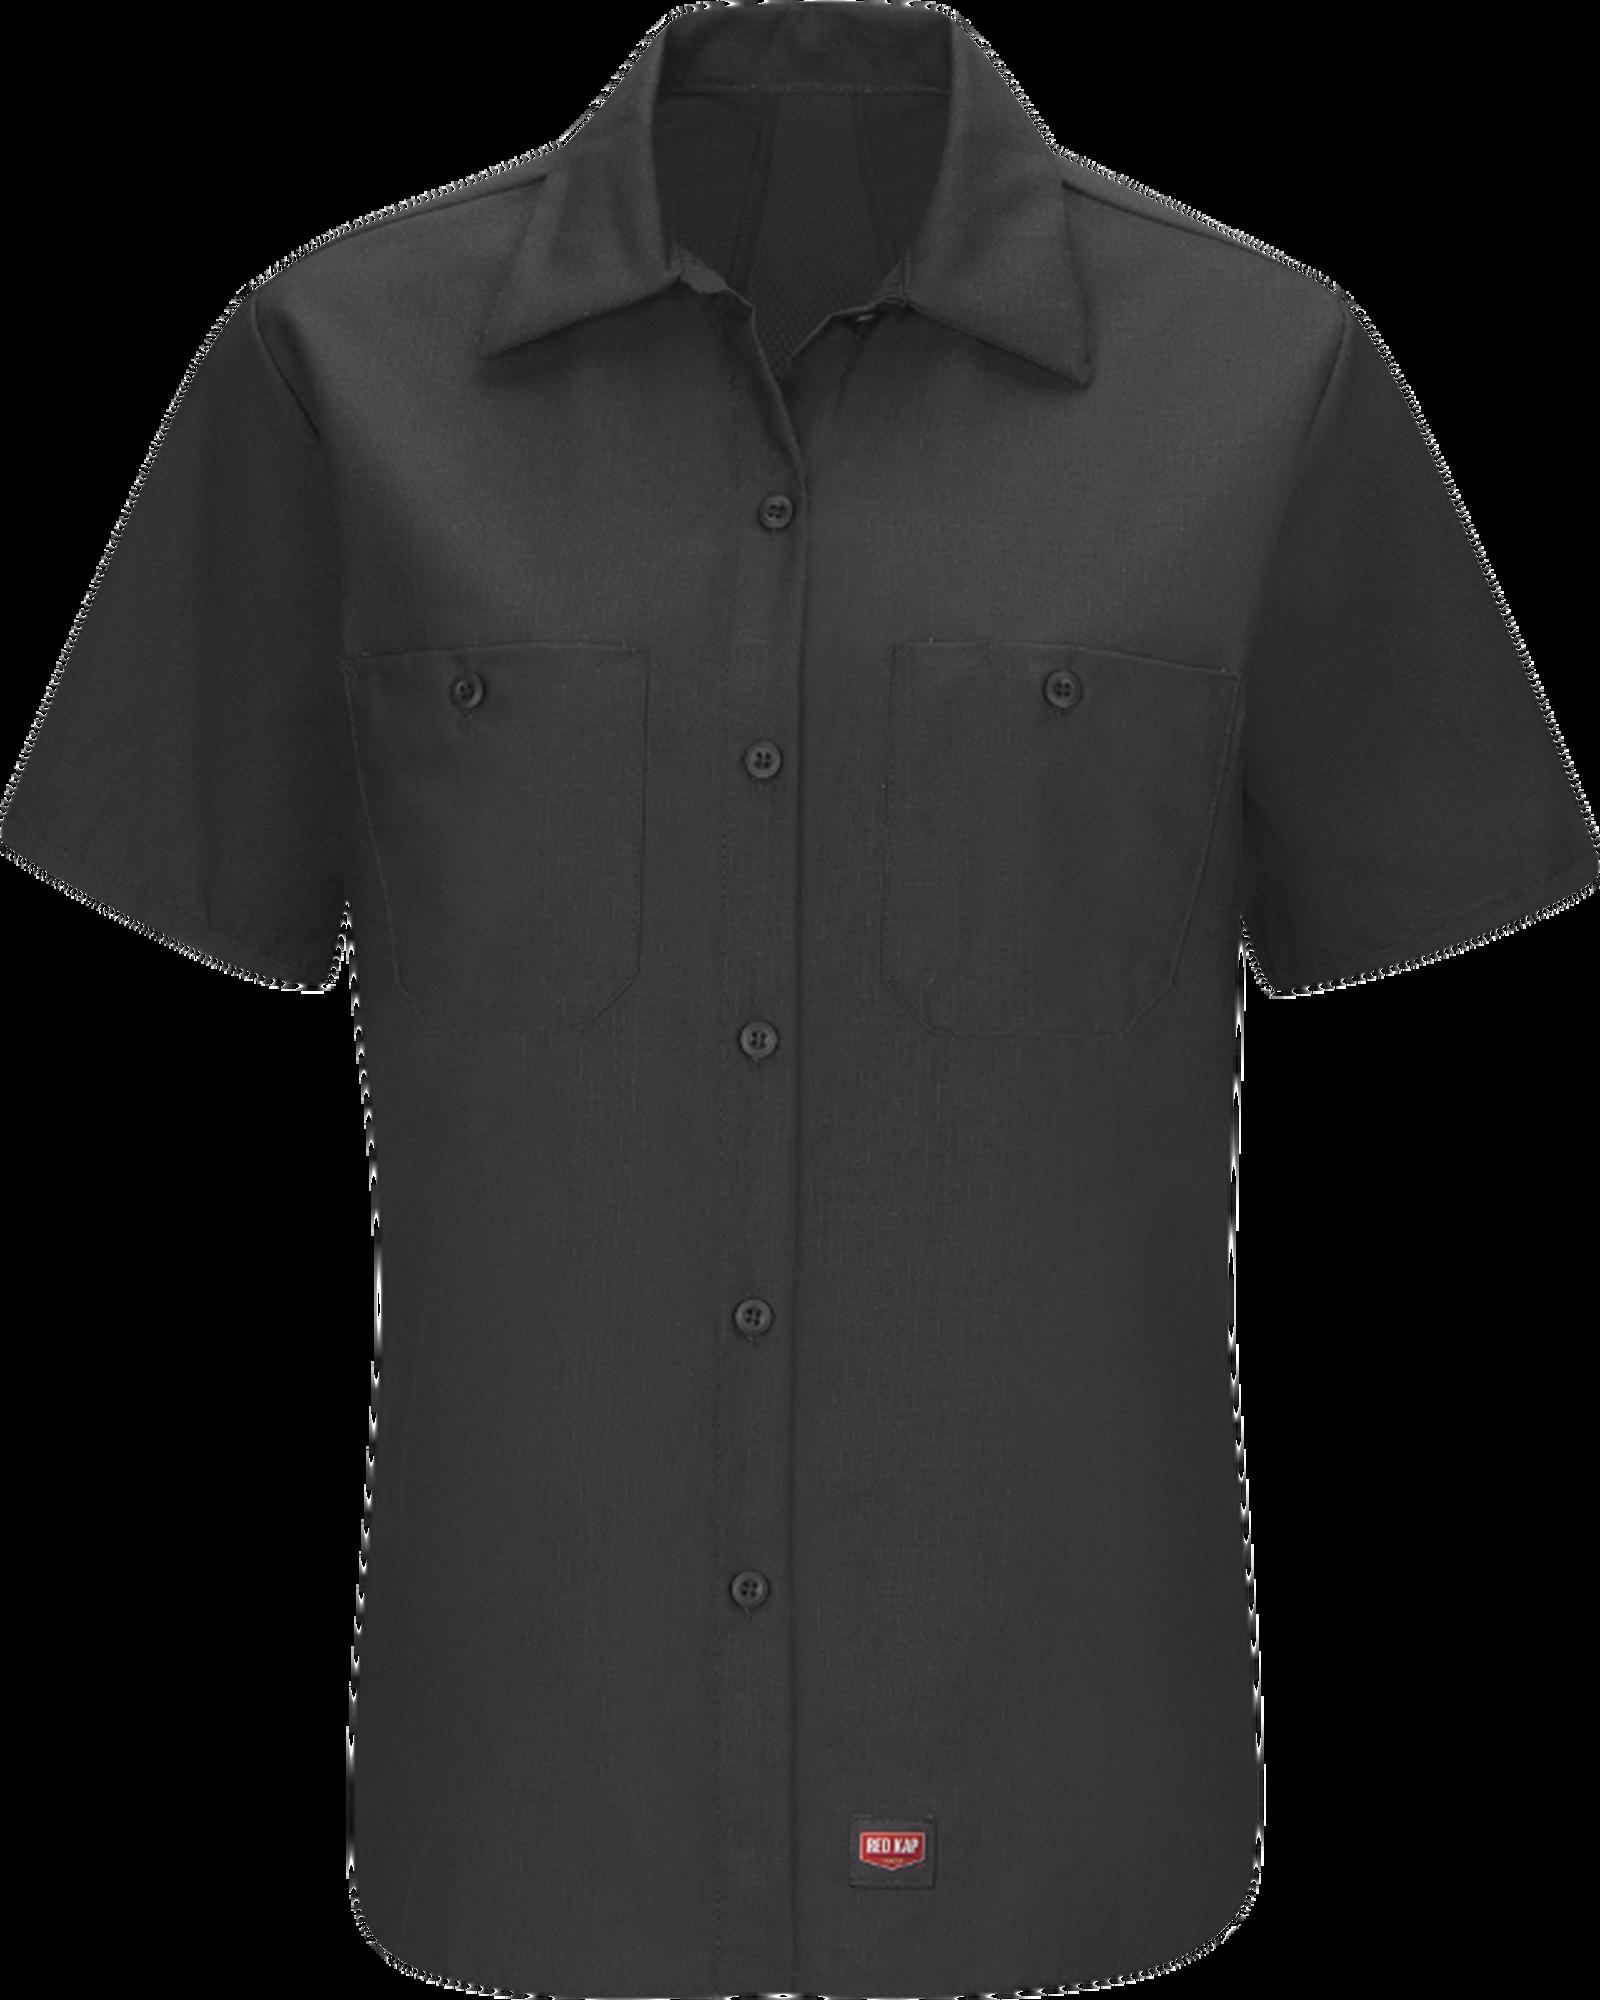 Women's Short Sleeve MIMIX™ Work Shirt